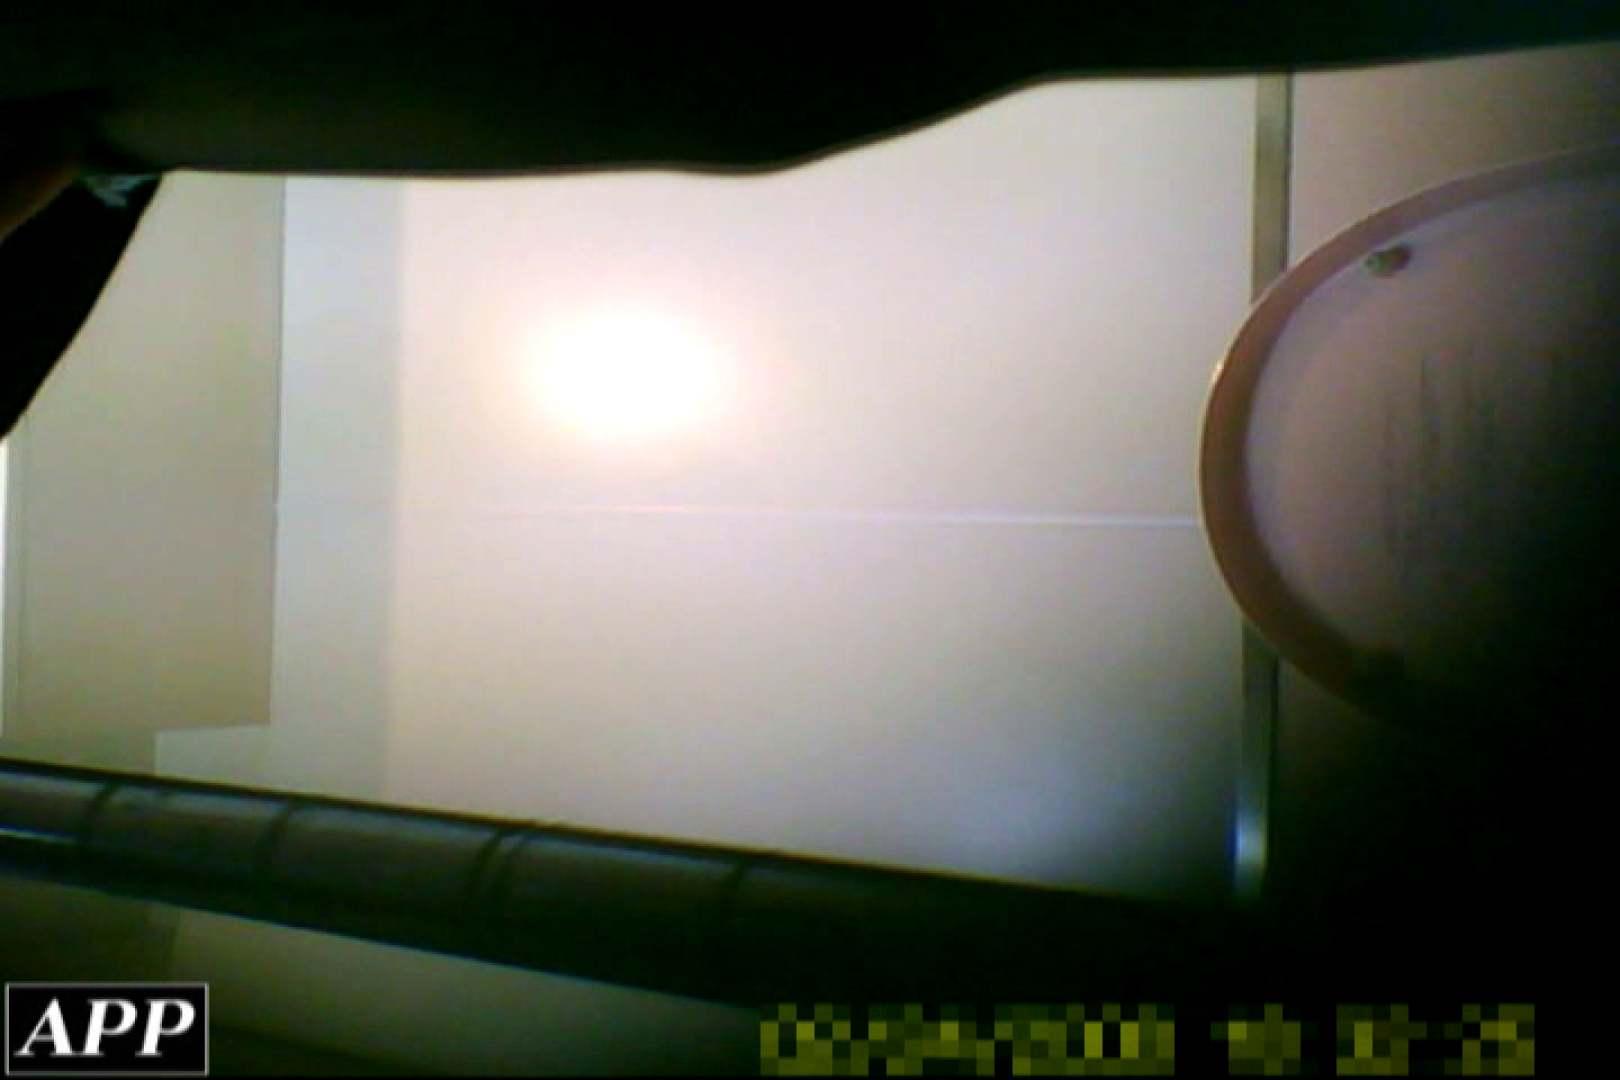 3視点洗面所 vol.02 ギャル攻め おめこ無修正画像 92画像 66